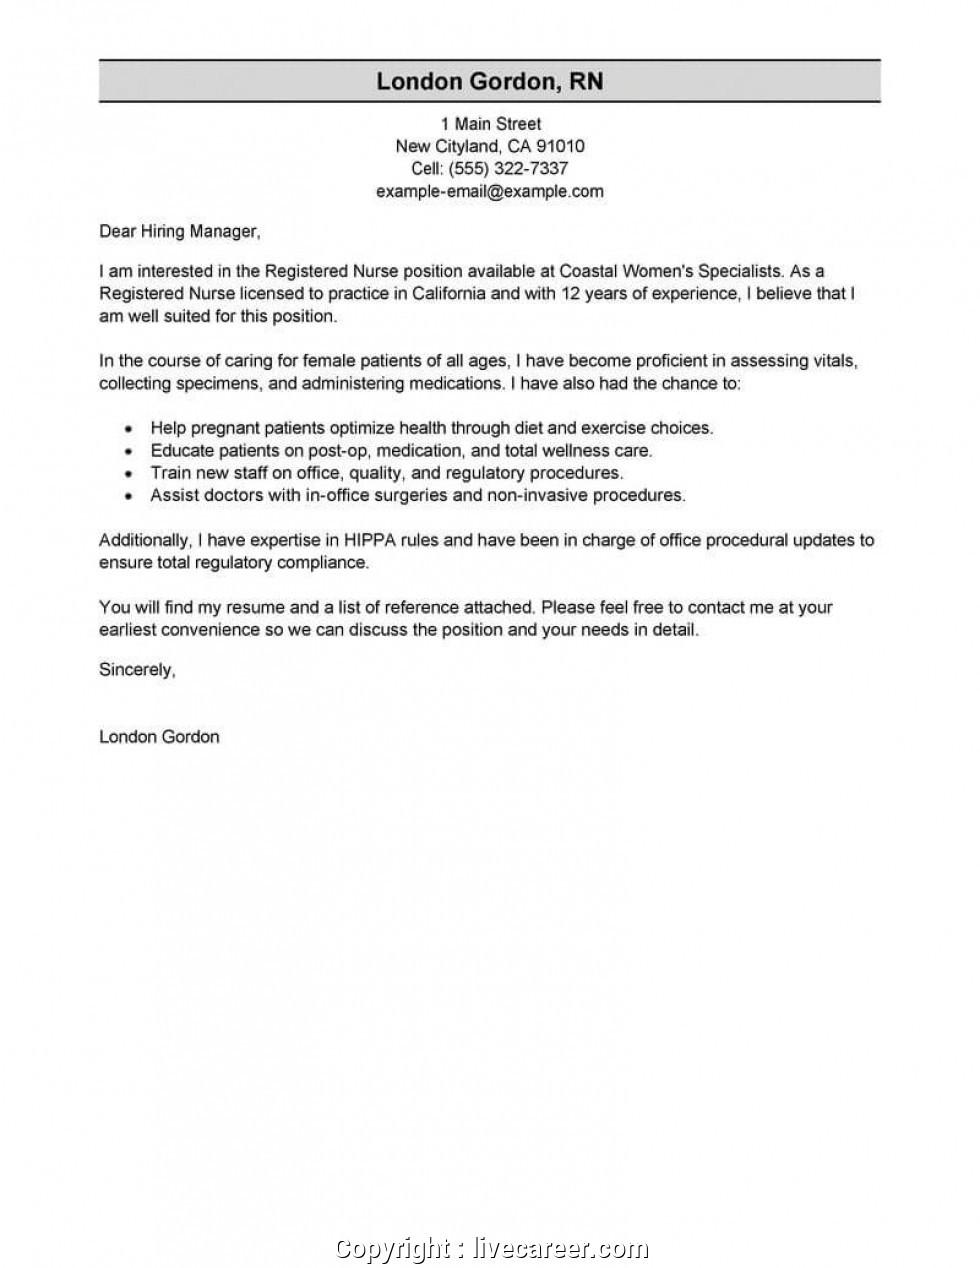 top nursing resume cover letter